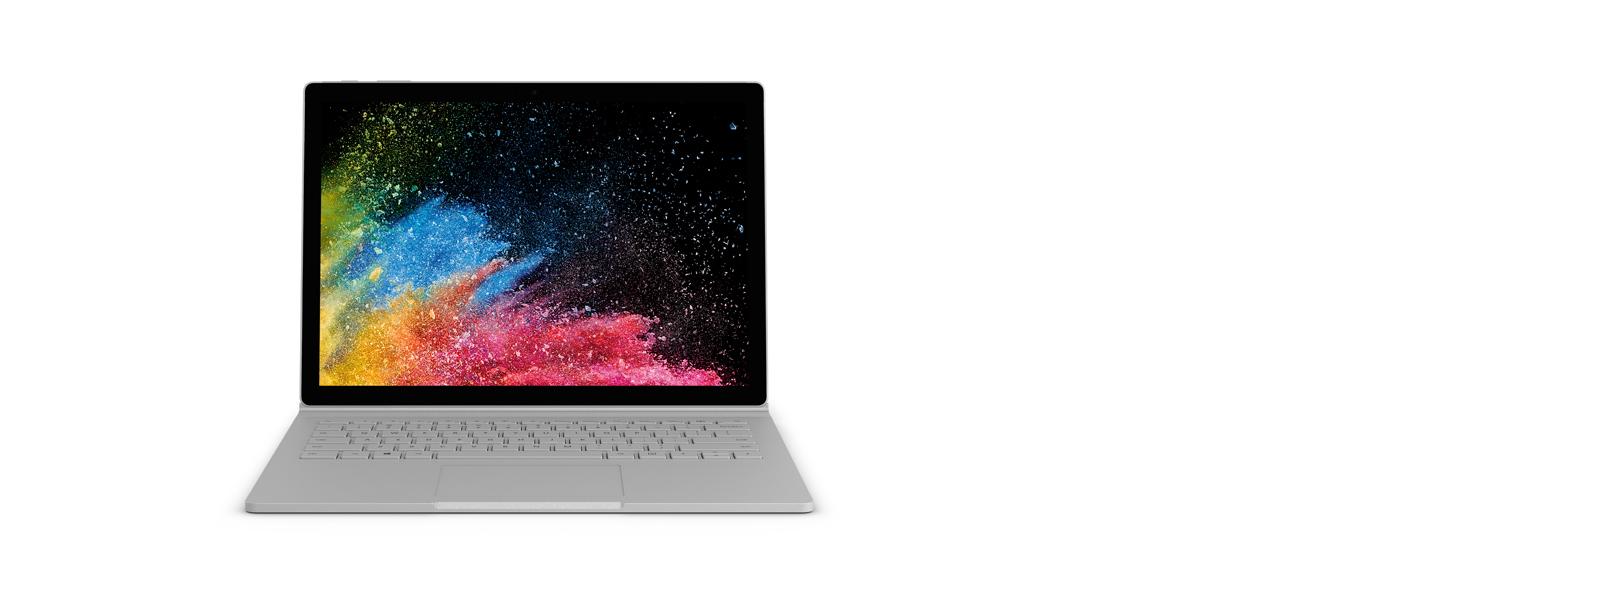 Surface Book 2 en mode Ordinateur portable avec capture d'écran.